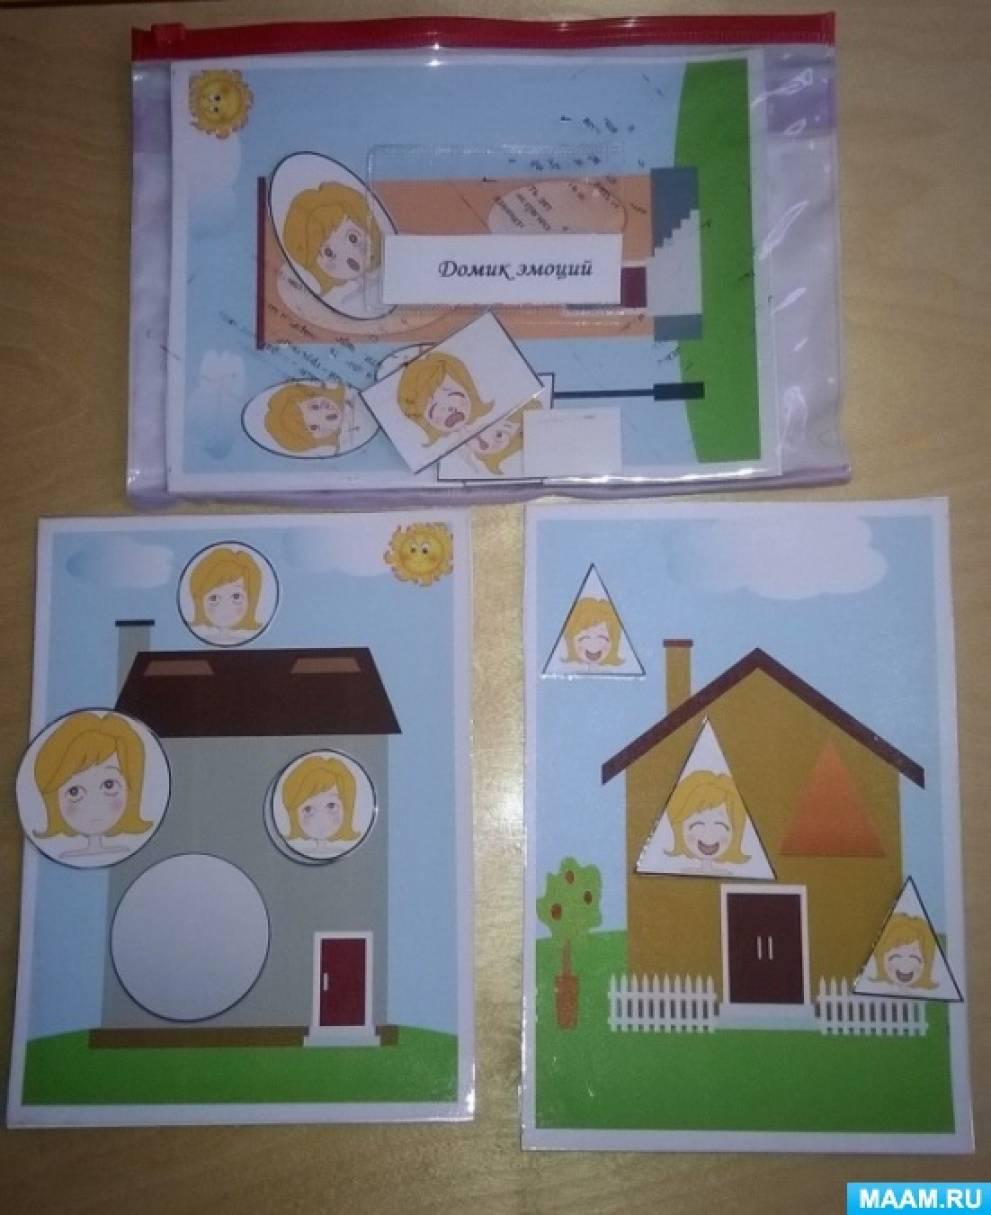 Дидактическая игра для детей младшего дошкольного возраста «Домик эмоций»